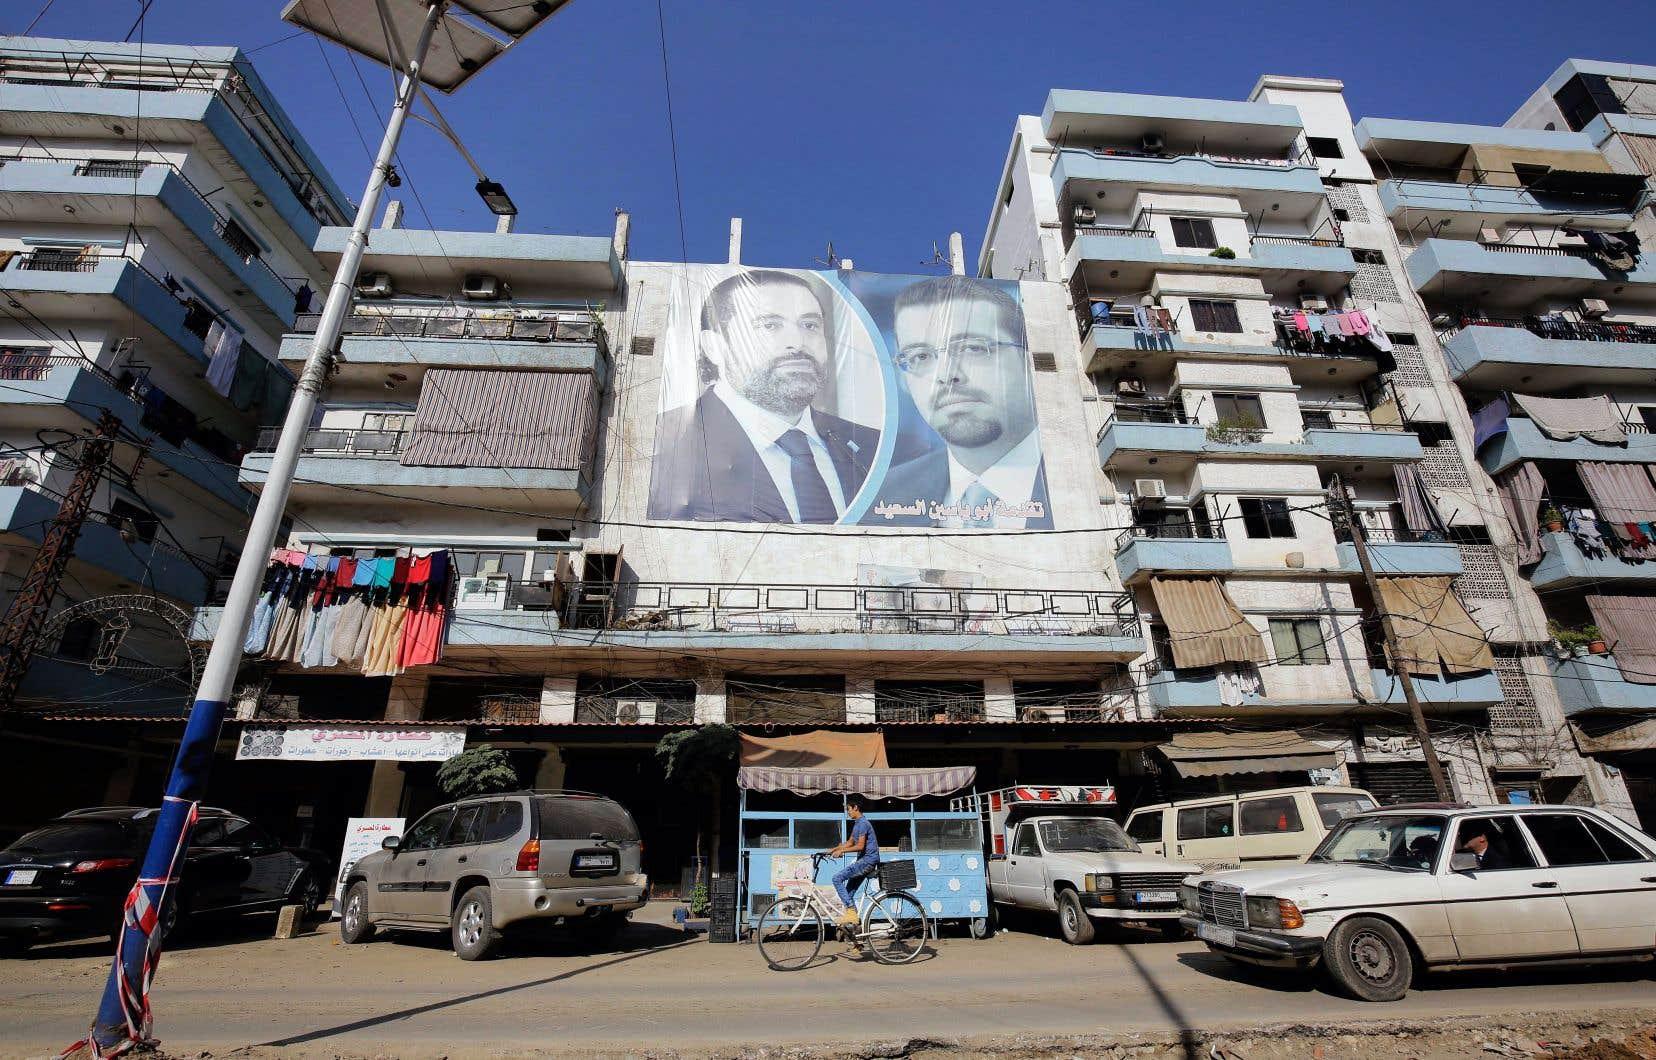 En annonçant son départ, Saad Hariri (à gauche sur l'affiche) a dénoncé la «mainmise» et «l'ingérence» de l'Iran dans les affaires libanaises à travers son allié, le Hezbollah.